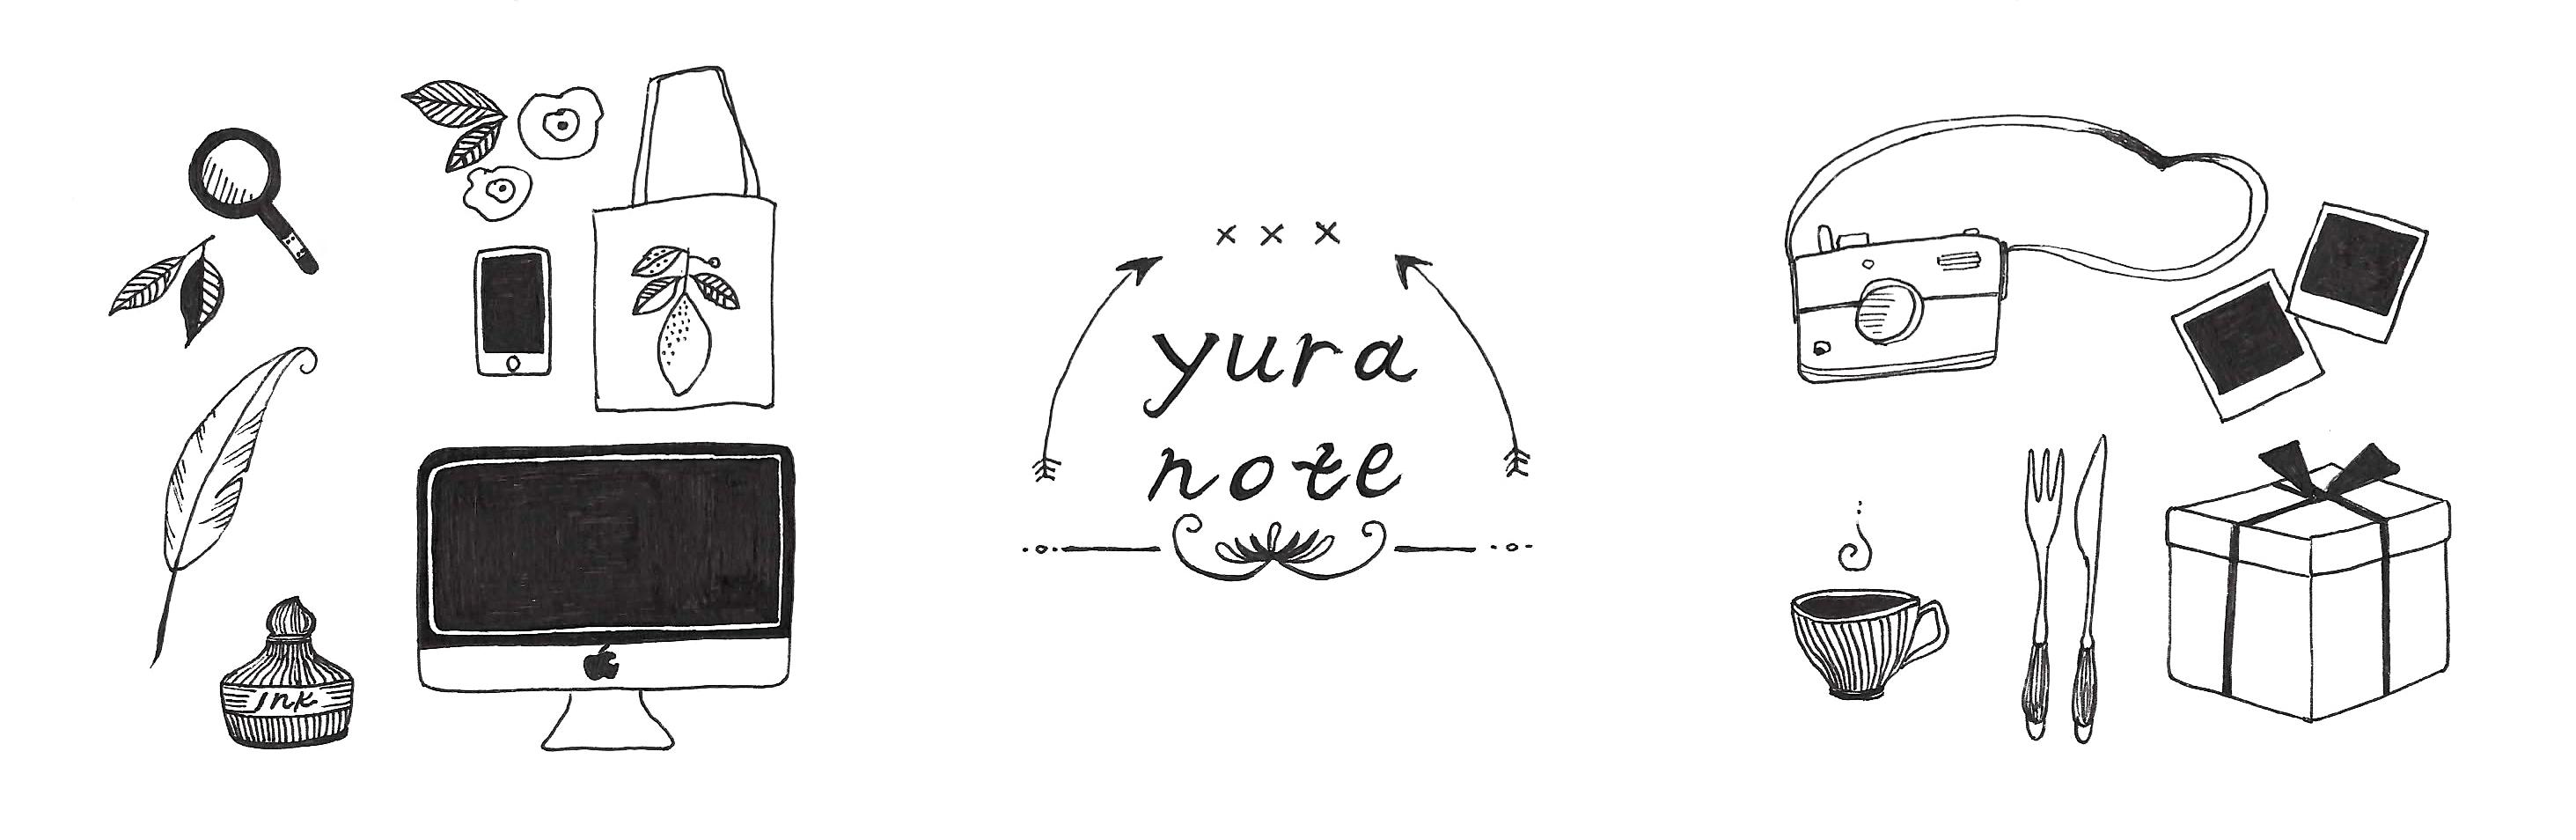 yura note